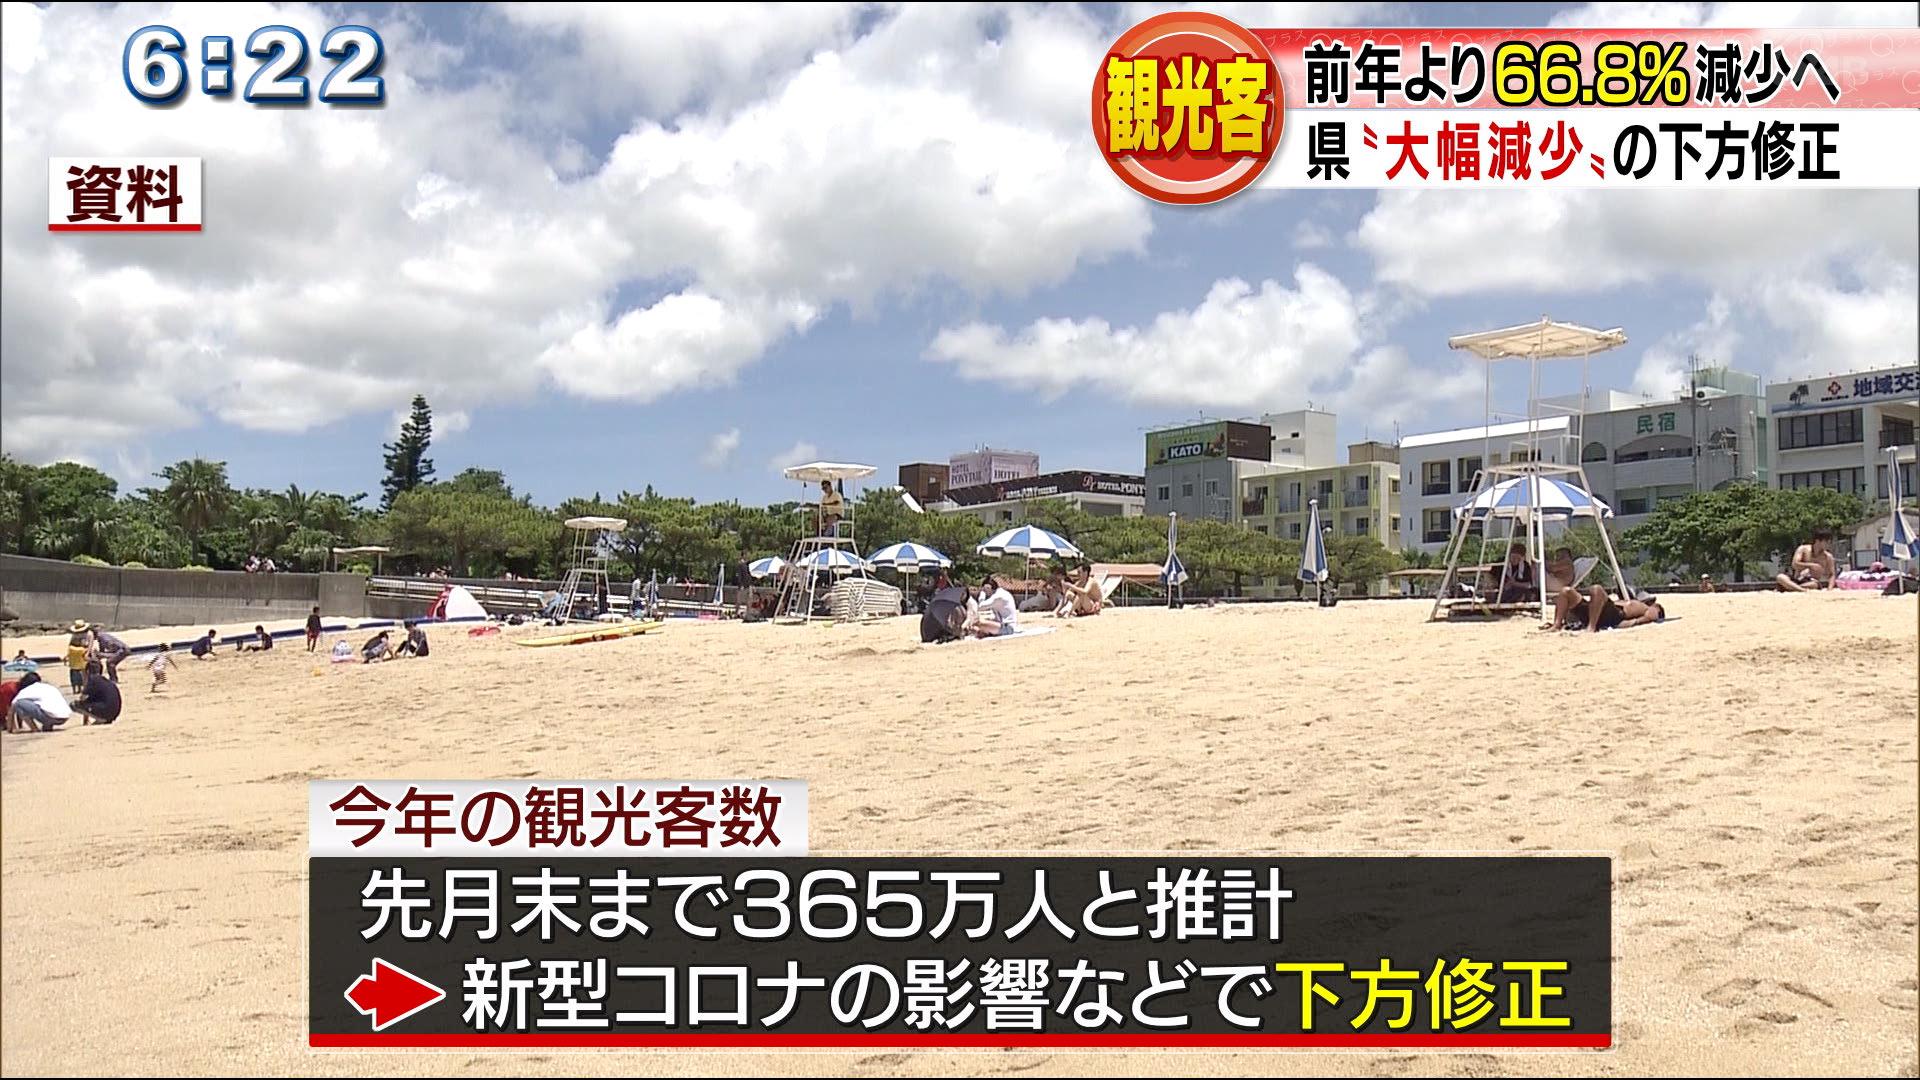 去年より大幅減の観光客 県の対応は?